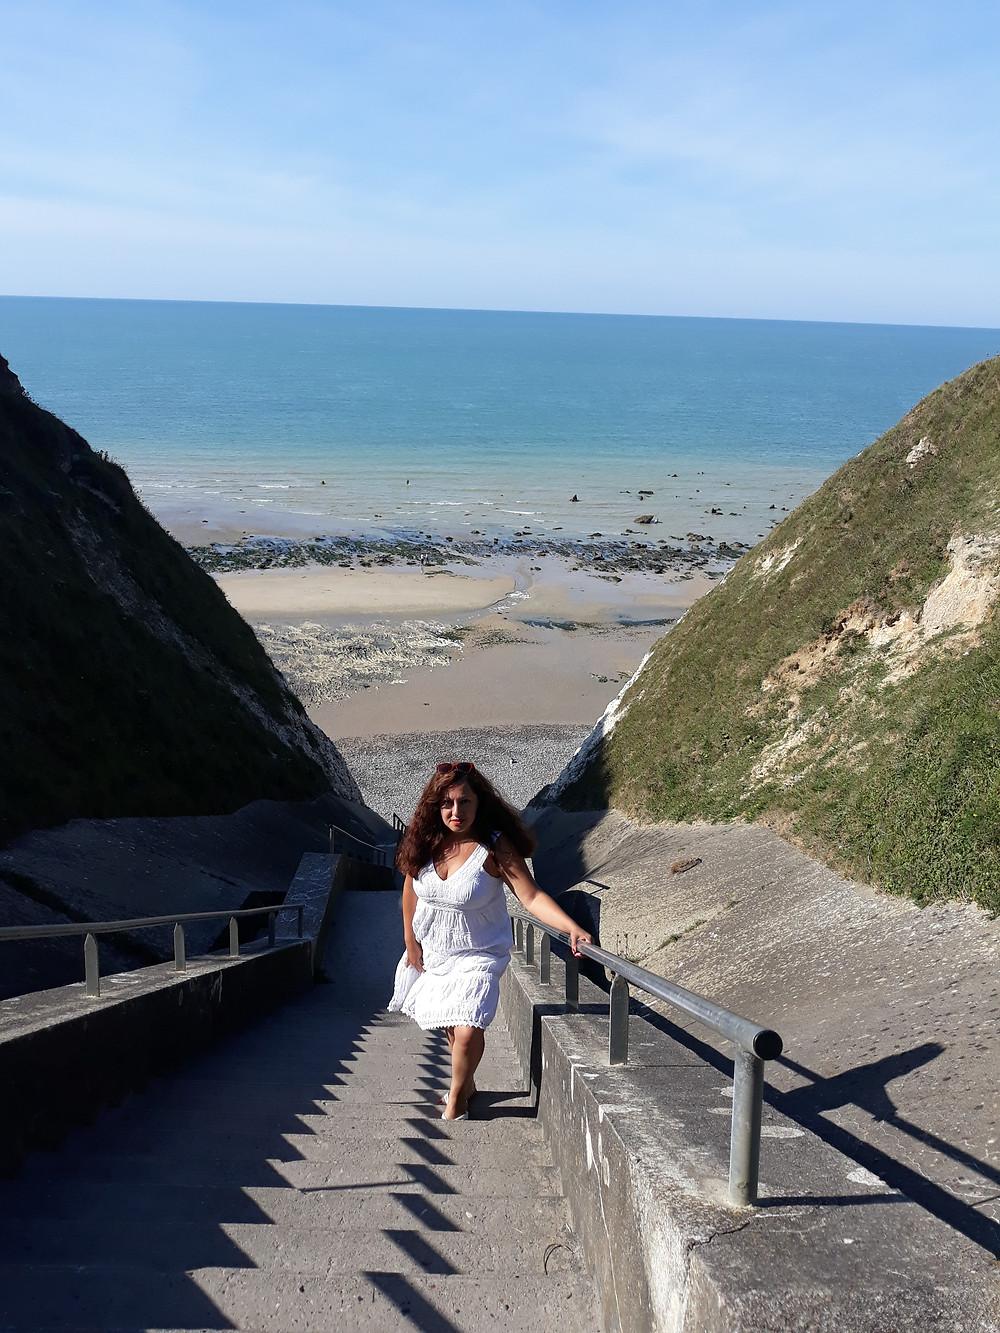 La escalera de Sotteville sur Mer